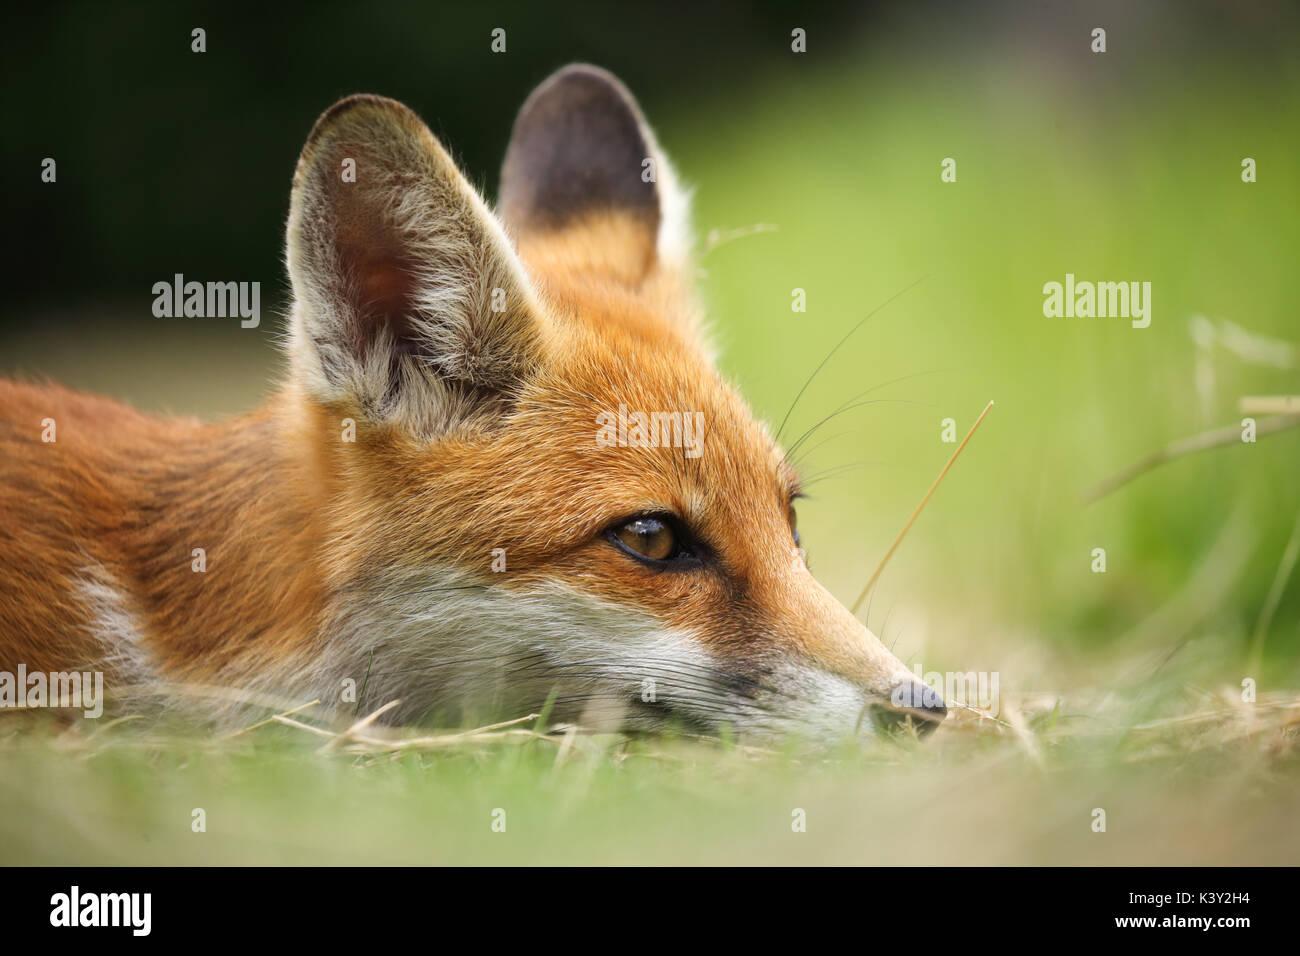 Un giovane volpe prendendo un po' di tempo a riposo Immagini Stock